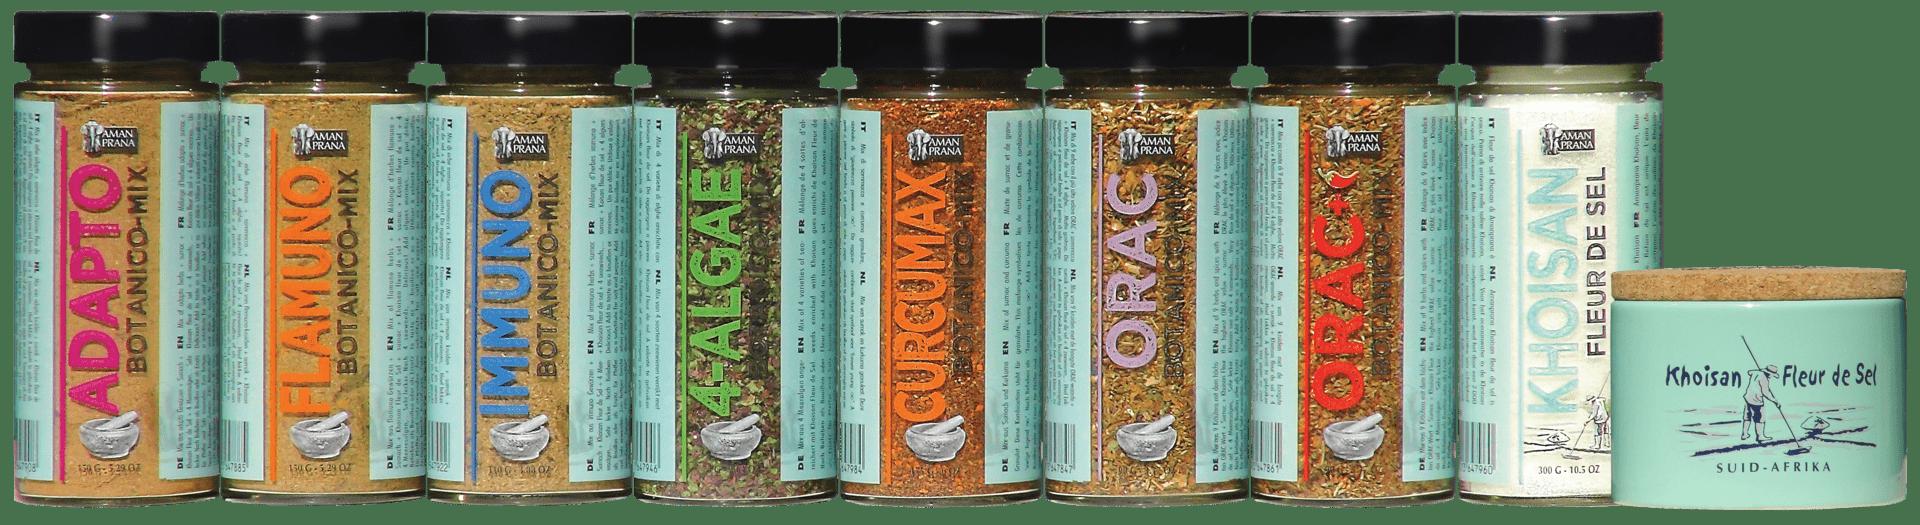 Die Glaspackungen der 7 Botanico Kräutermischungen der Amanprana Ernährung als Medizin